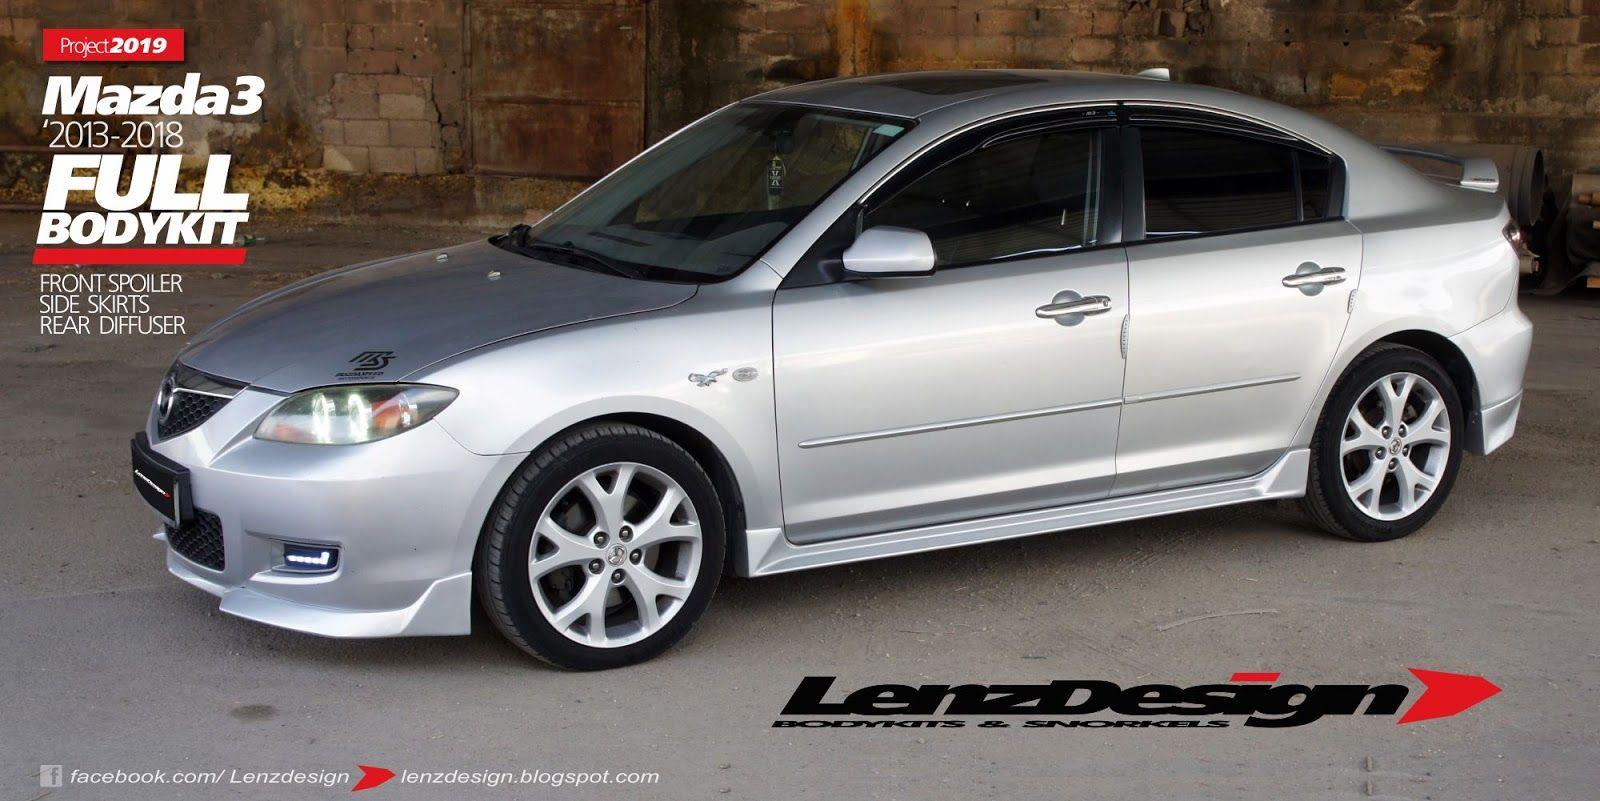 Mazda 3 Bk Lenzdesign Bodykit Spoilers 2003 2004 2005 2006 2007 2008 2009 Mazda 3 Mazda 3 Sedan Mazda